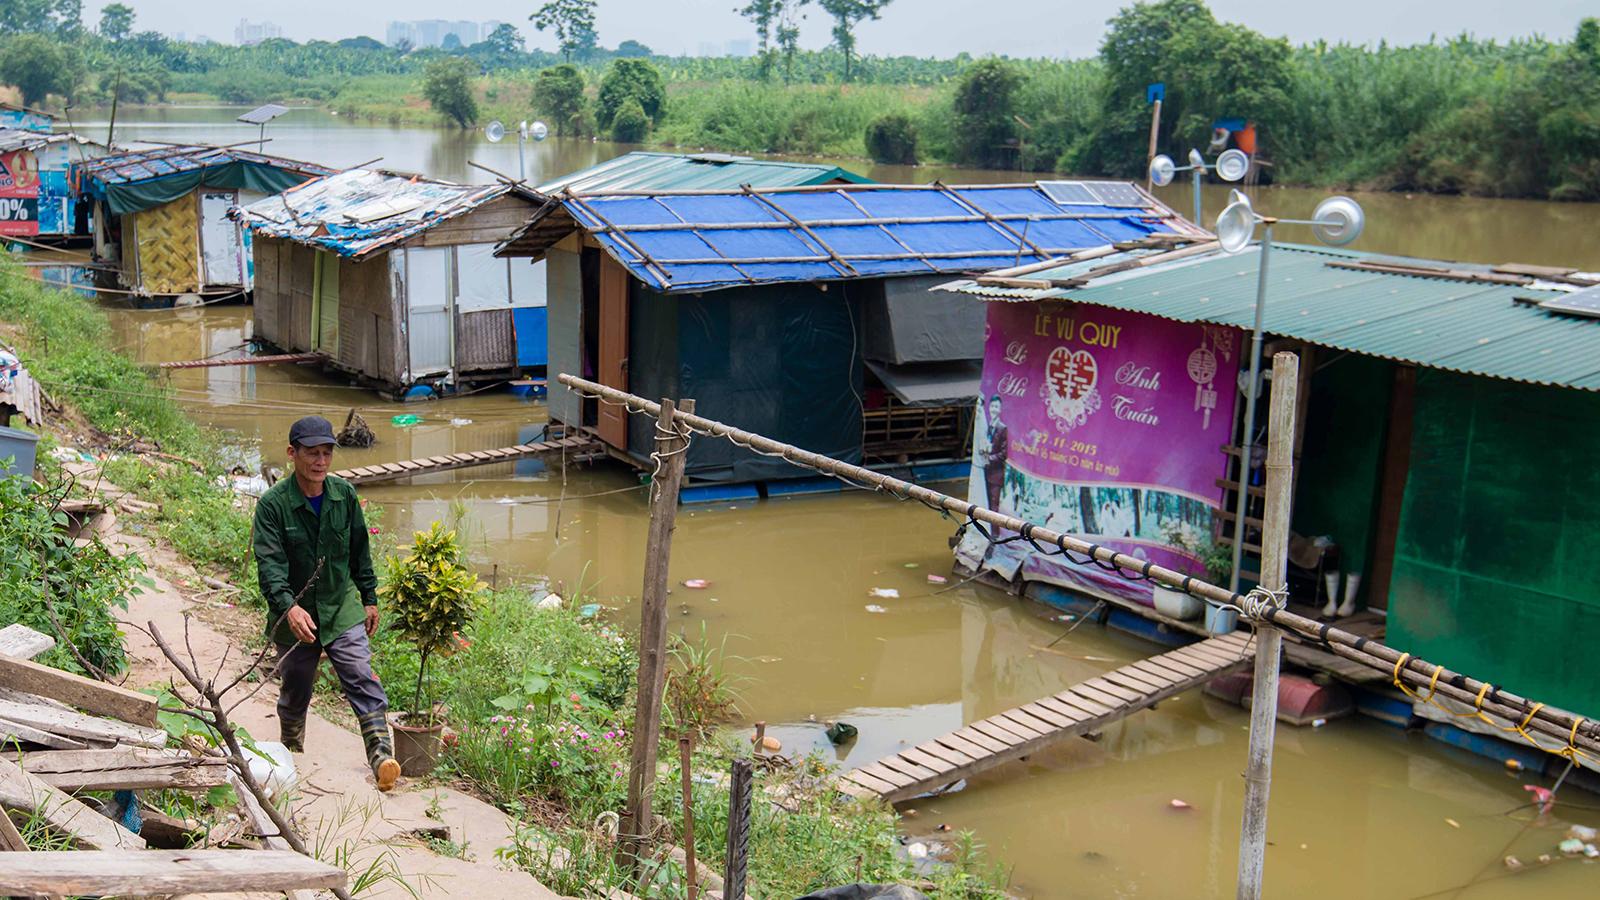 Thu nhập 60 nghìn/ngày: Cuộc sống của lao động nghèo dưới chân cầu Long Biên như thế nào? - 4